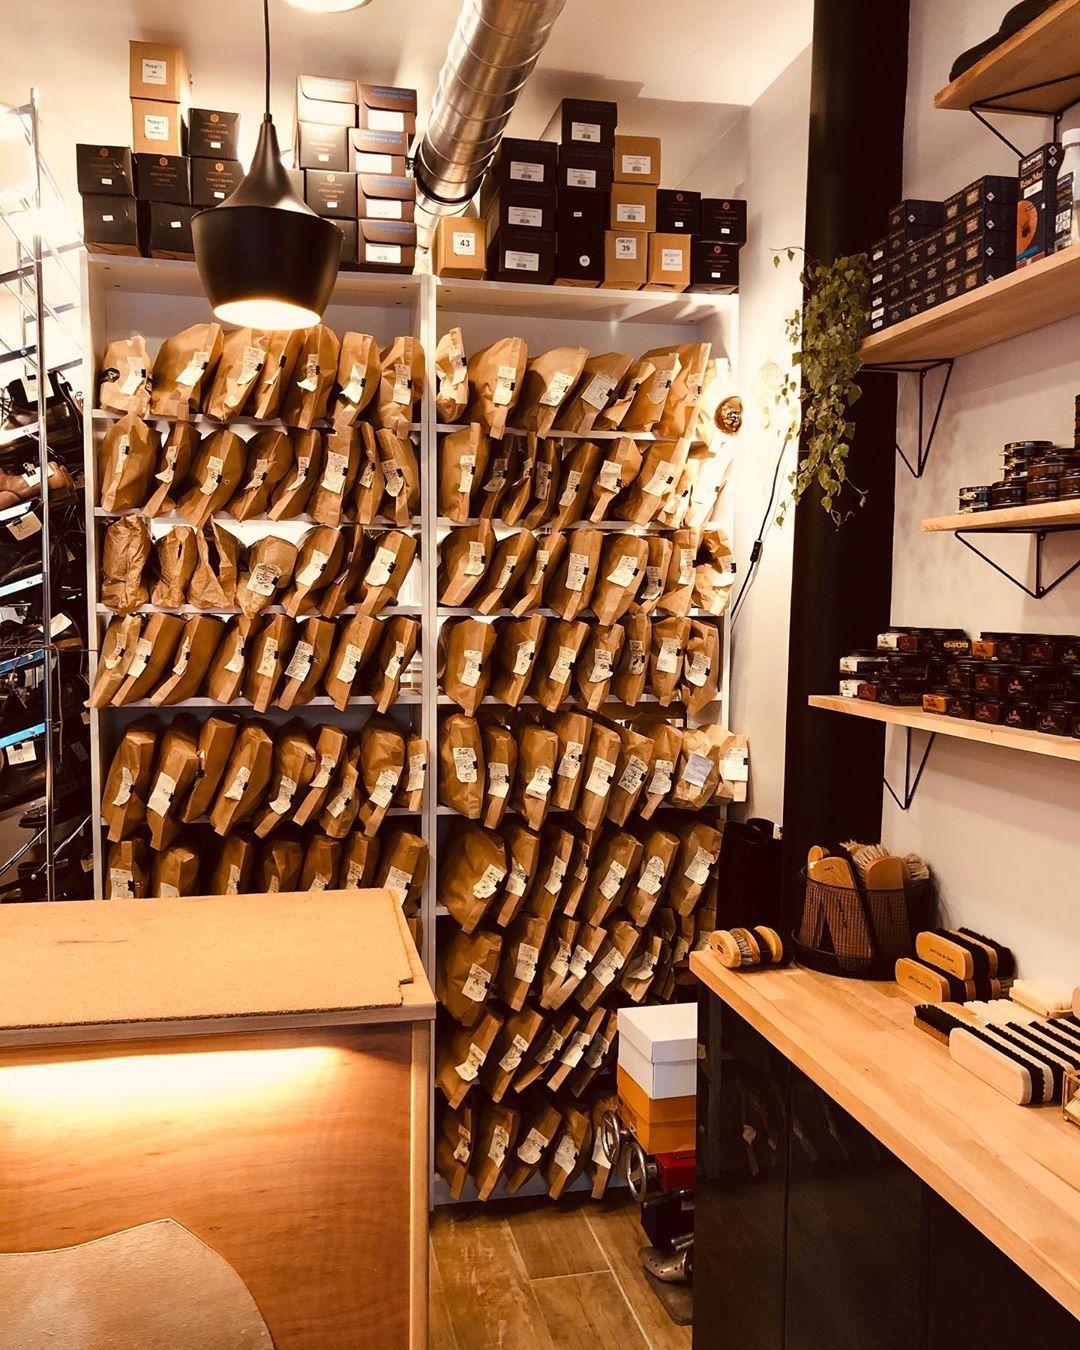 Cordonnerie Menshoes Womenshoes Shoes Cordonnier Shoemaker Cobbler Shoeporn Paris Atelier Maubeuge Parisianlife Han Cordonnier Cordonnerie Atelier